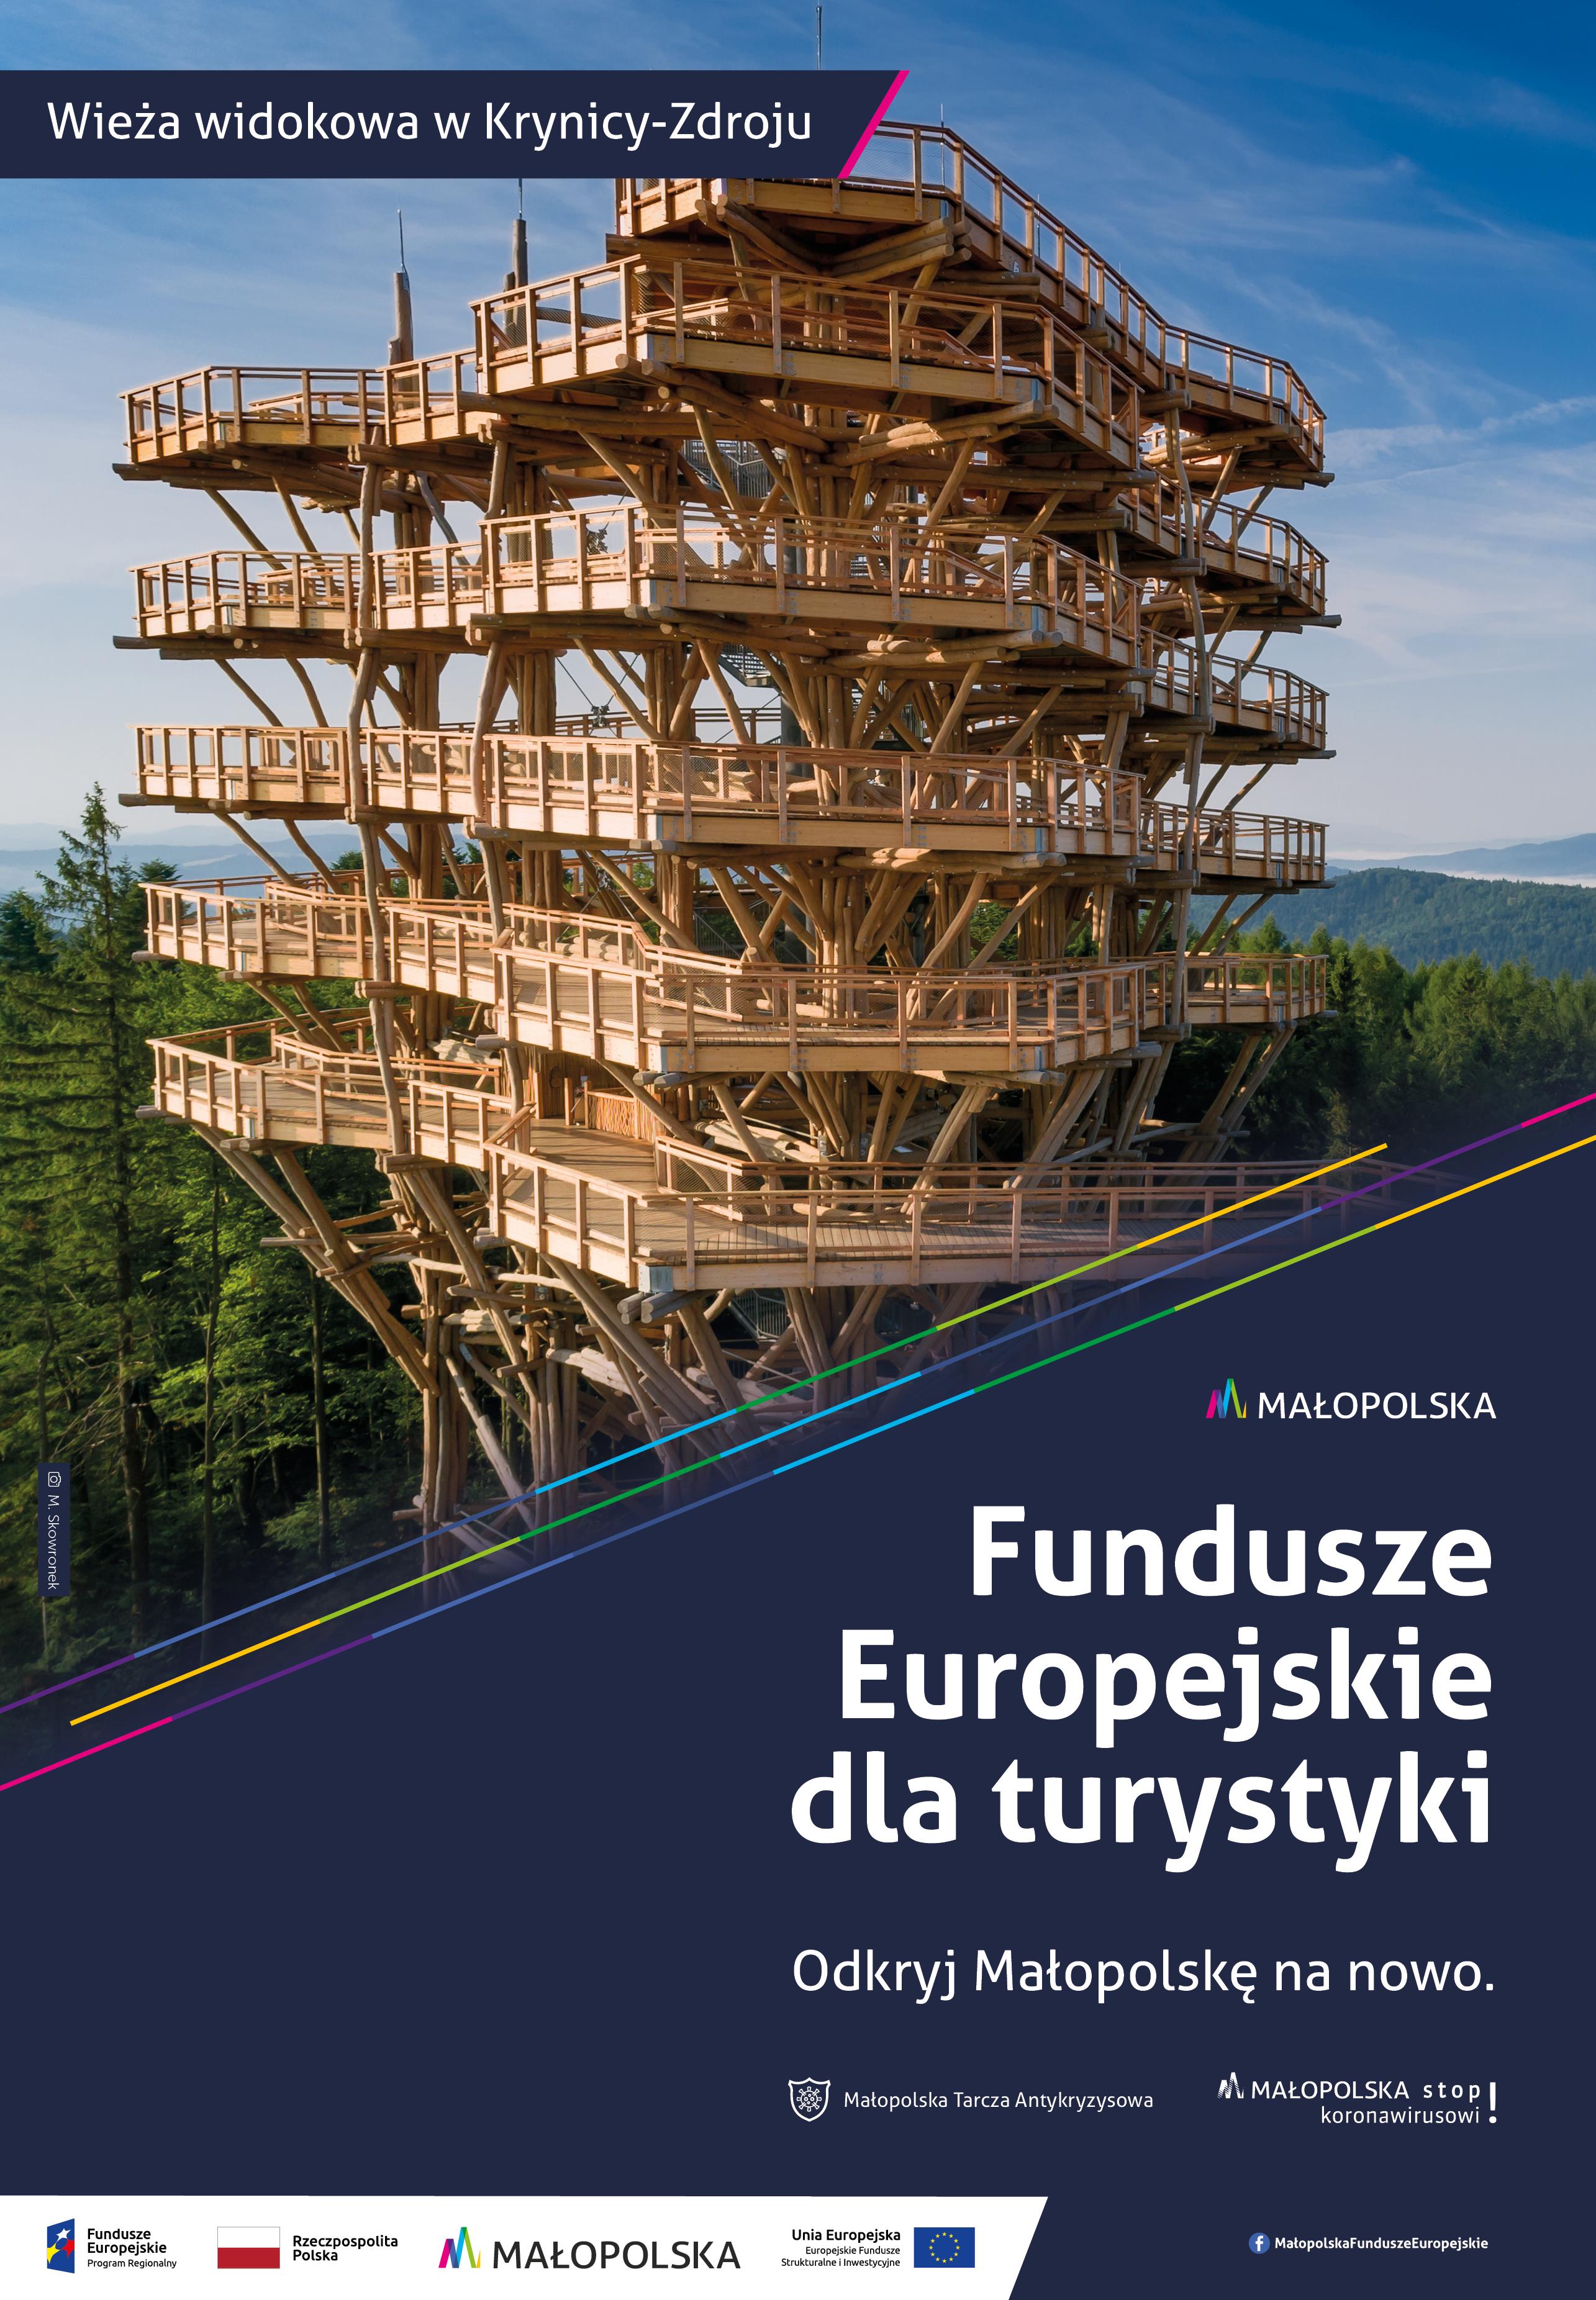 Fundusze europejskie dla turystyki - wieża widokowa w Krynicy-Zdroju